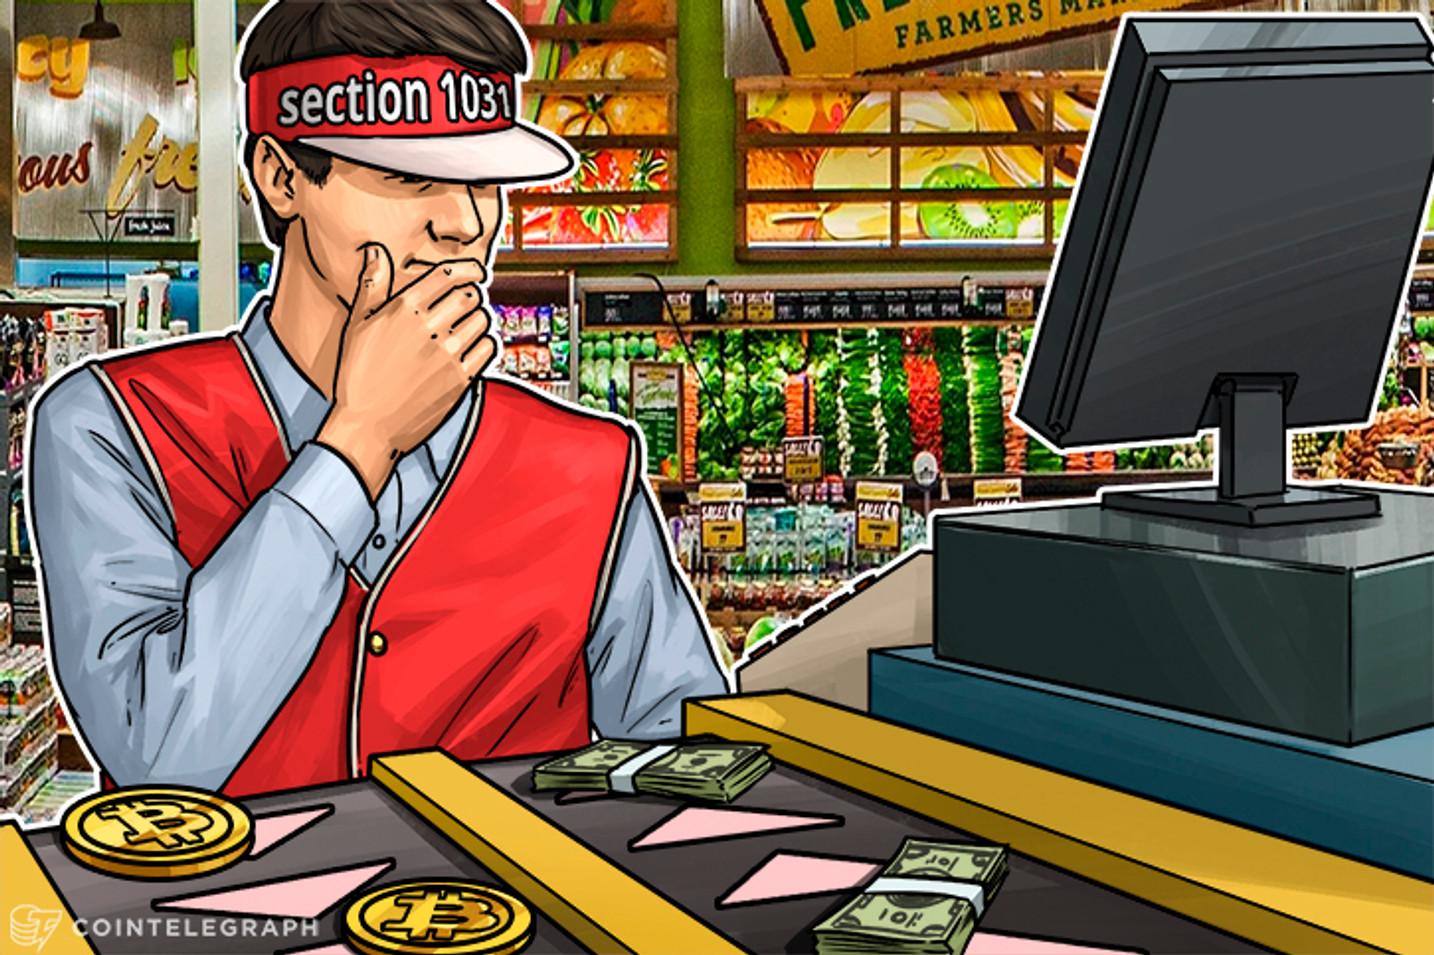 Какими криптовалютами можно расплачиваться?